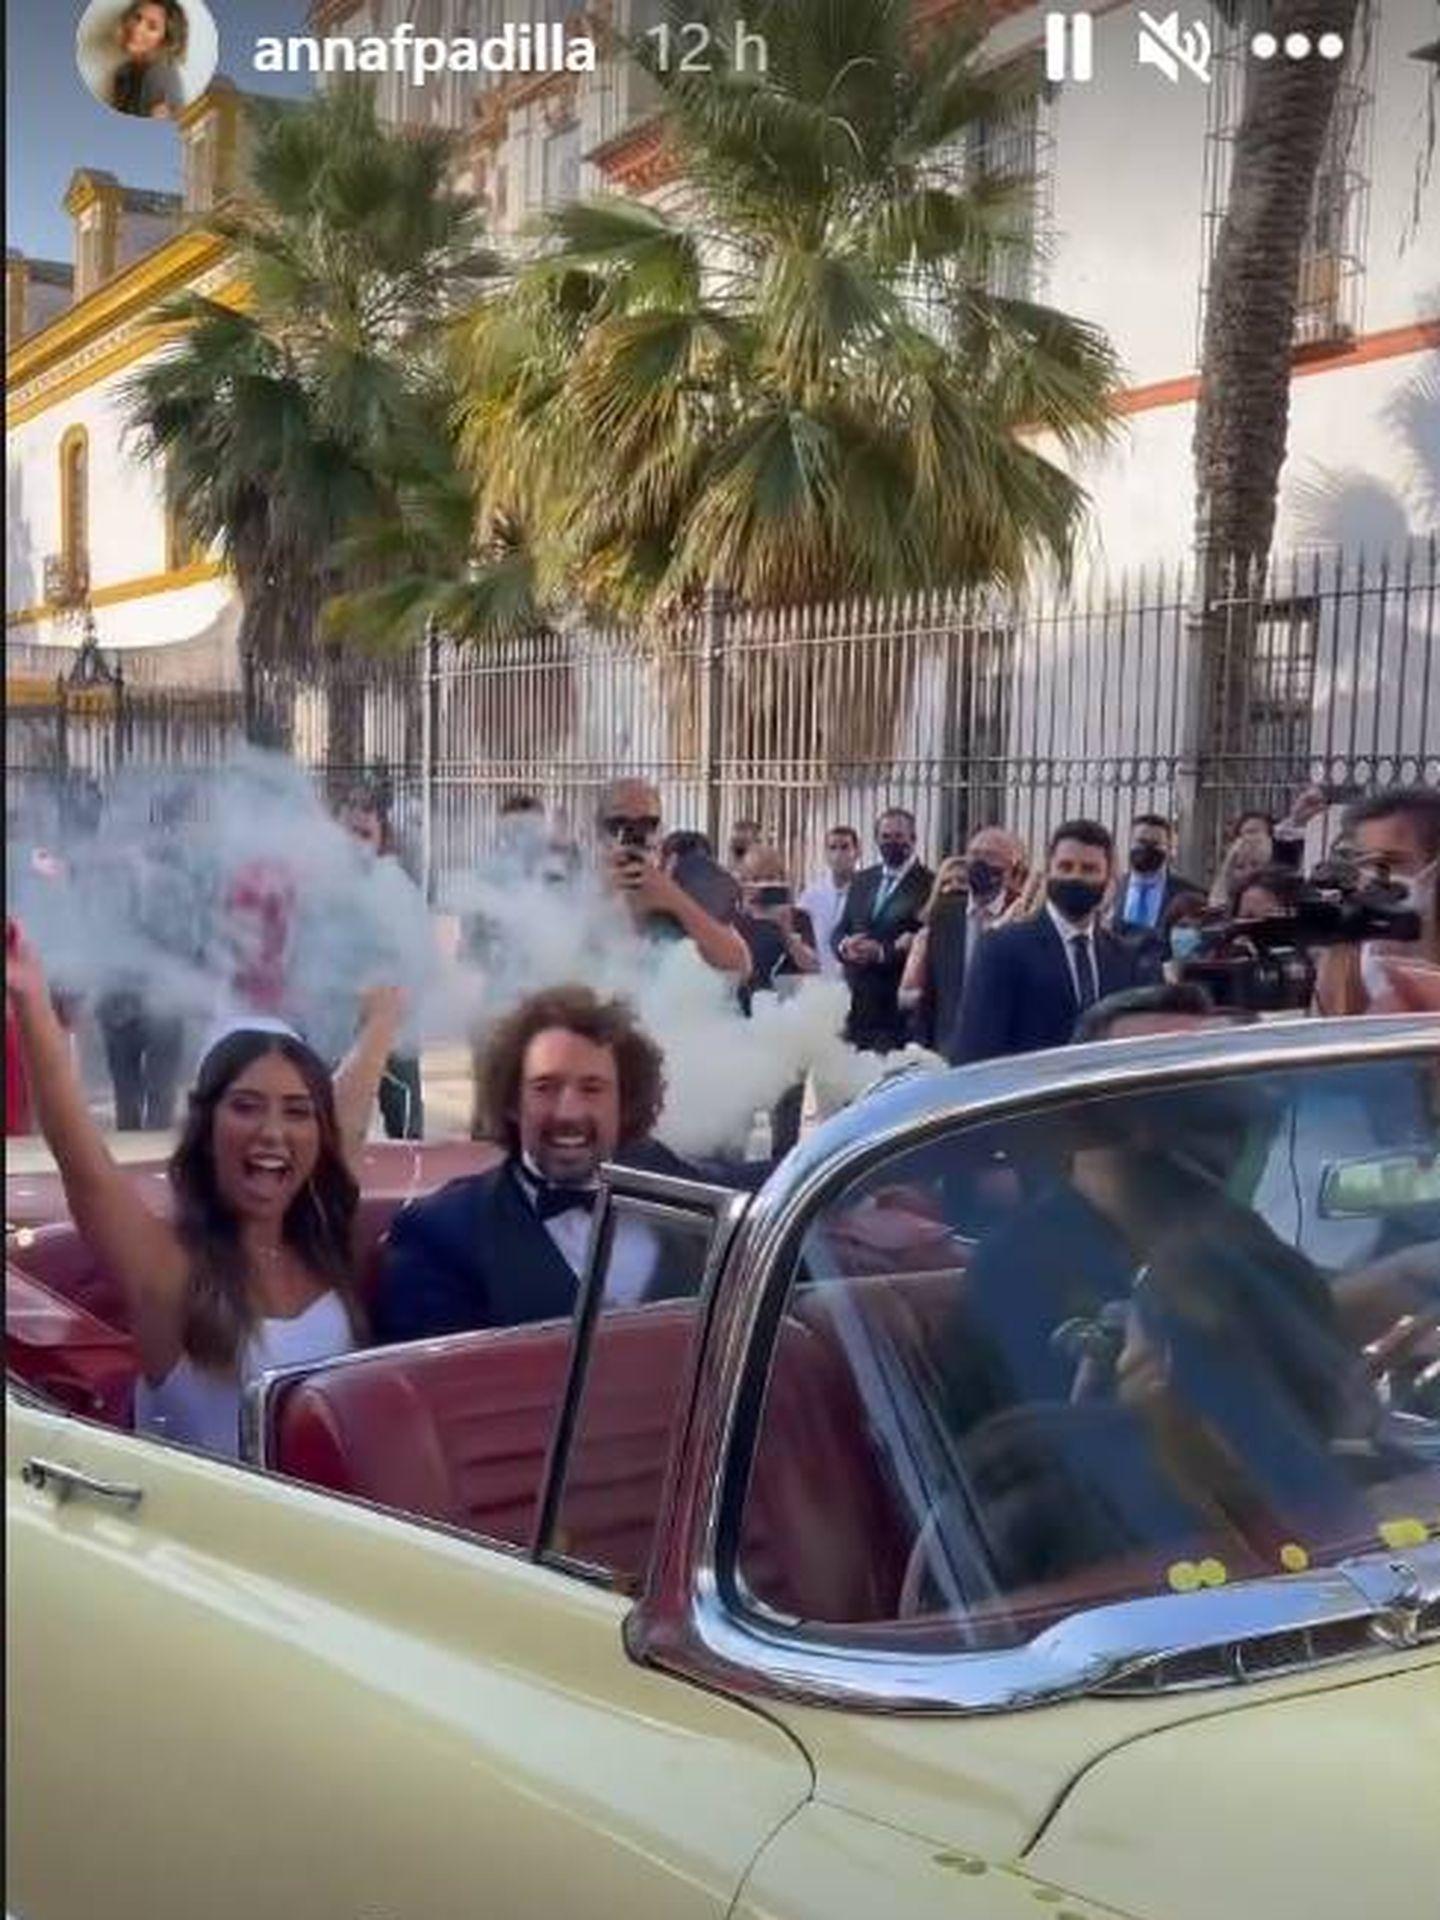 Los novios en el coche descapotable y con bengalas de humo en la mano. (IG)